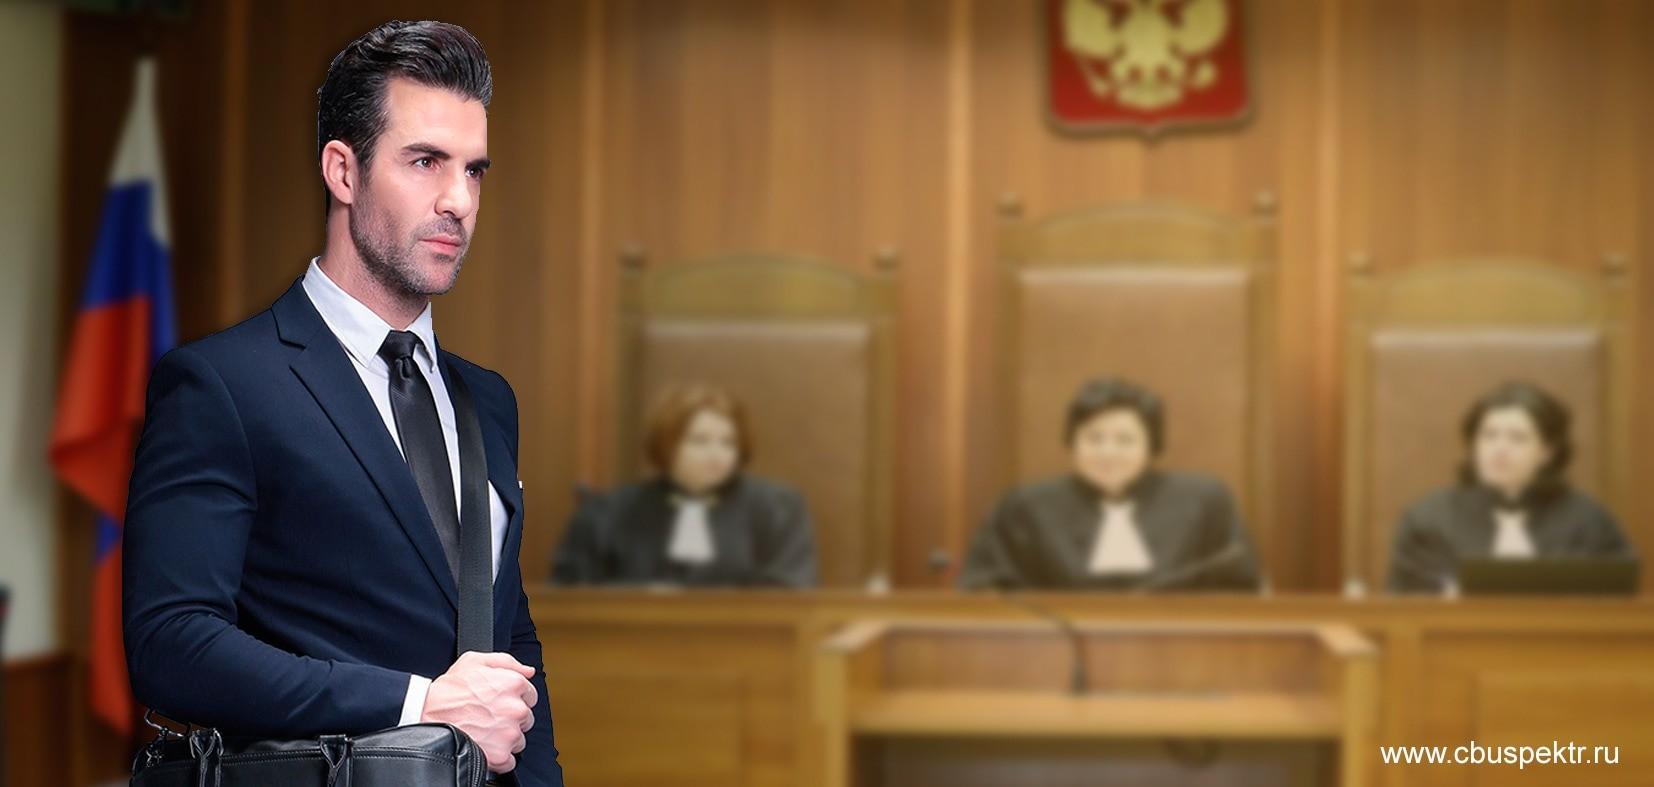 Юрист в зале судебных заседаний